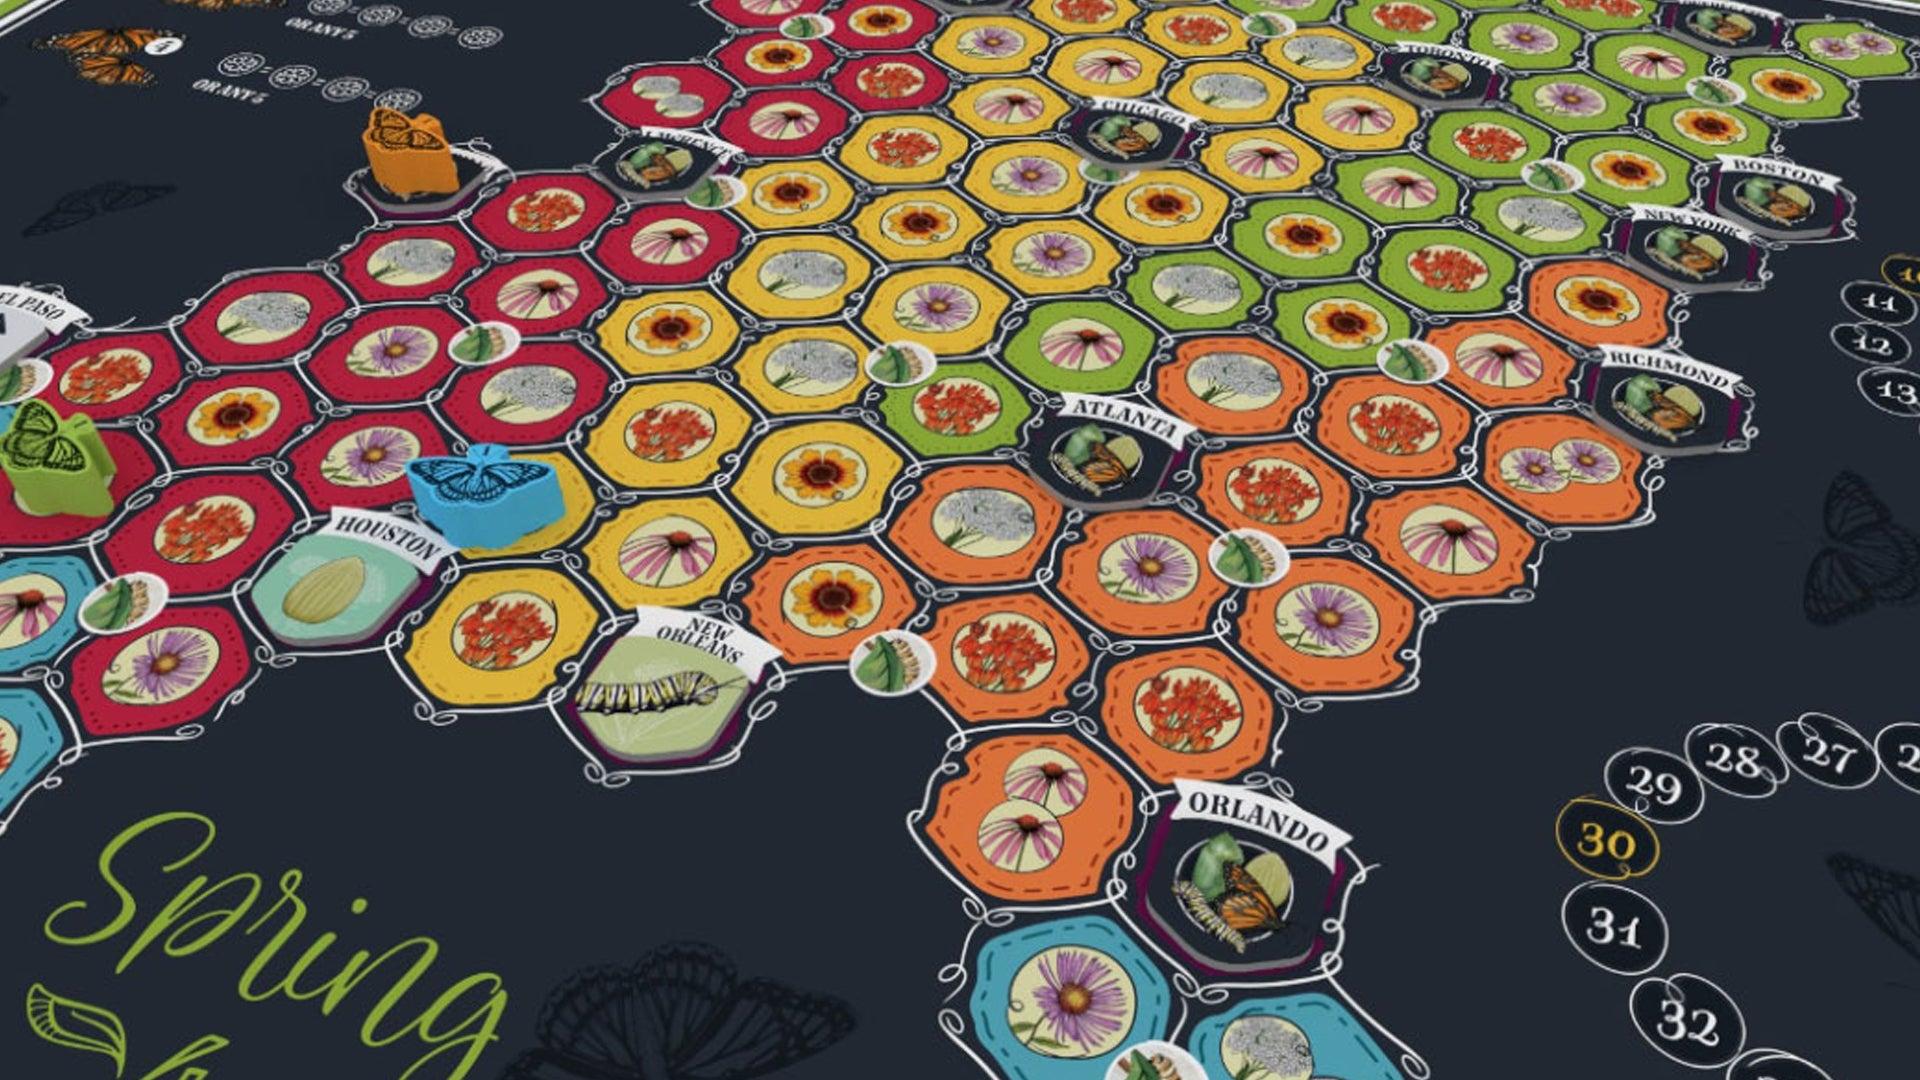 Mariposas board game board